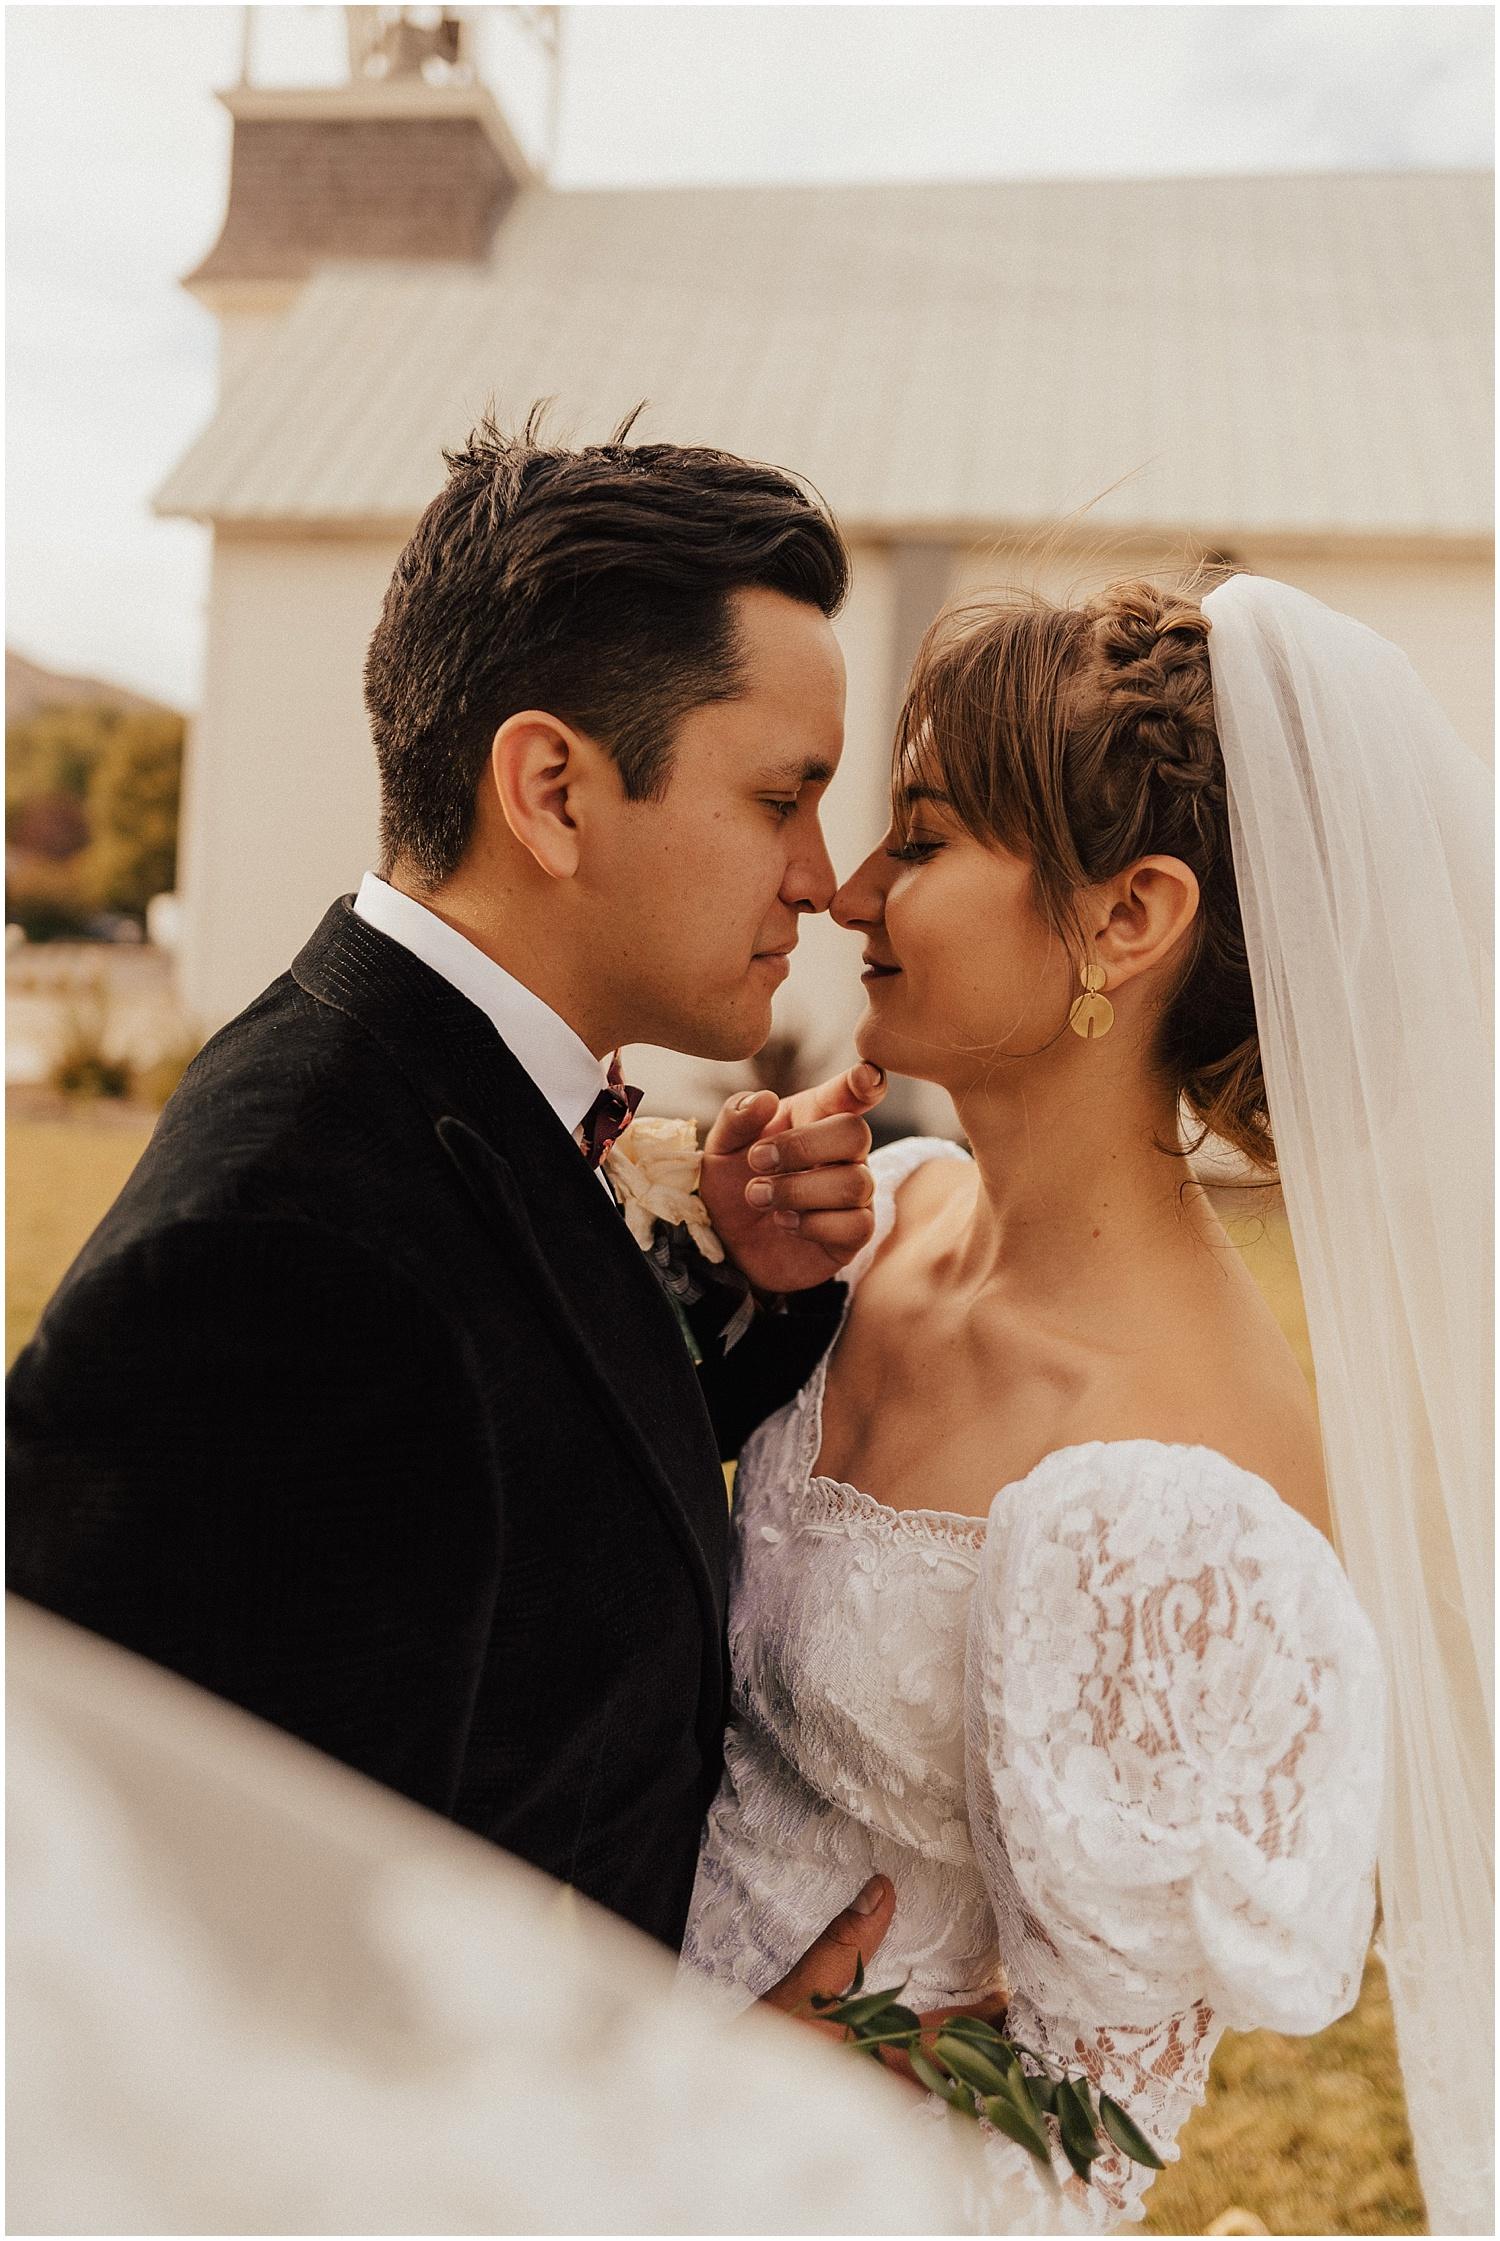 church-wedding-industrial-reception-sunvalley-idaho79.jpg